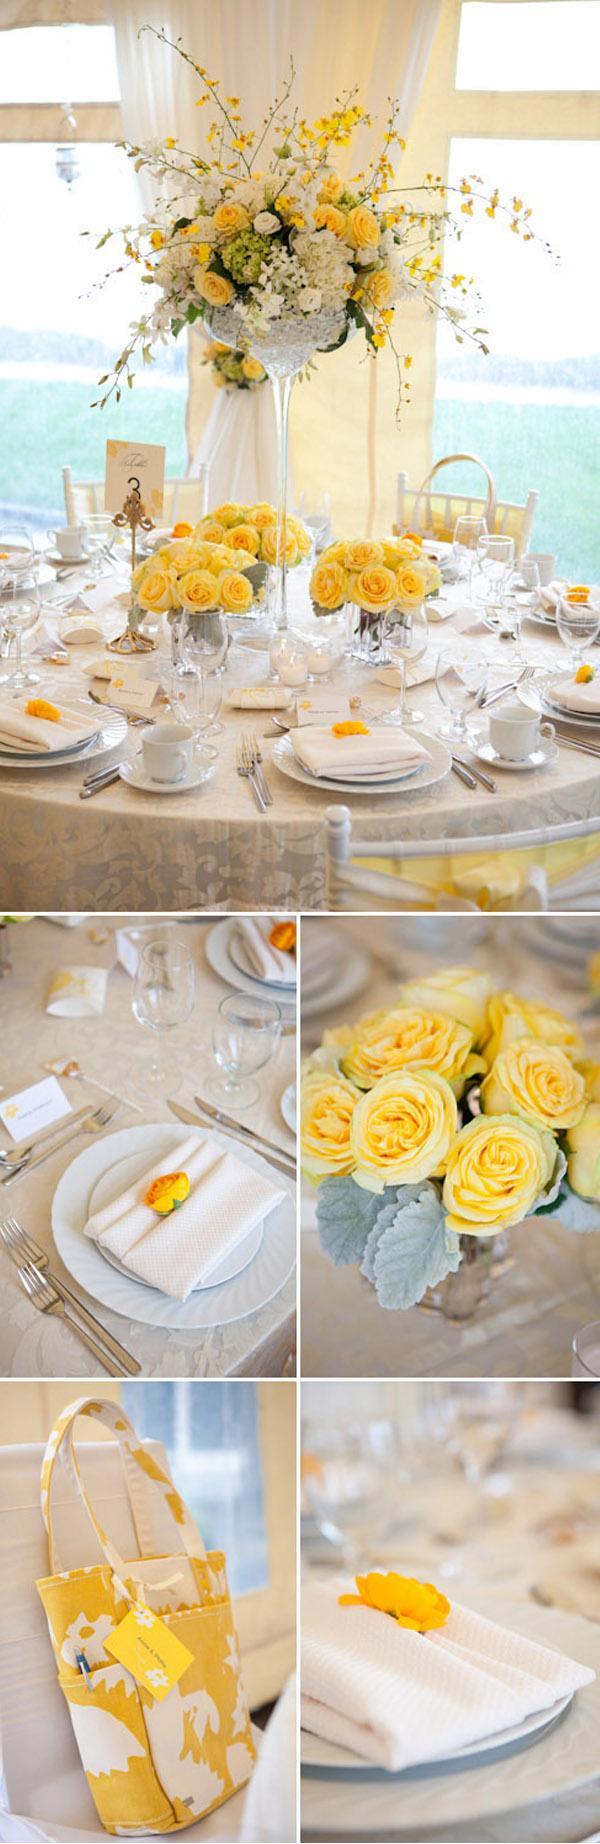 Decoración de mesa en amarillo amarillo_2_600x1844